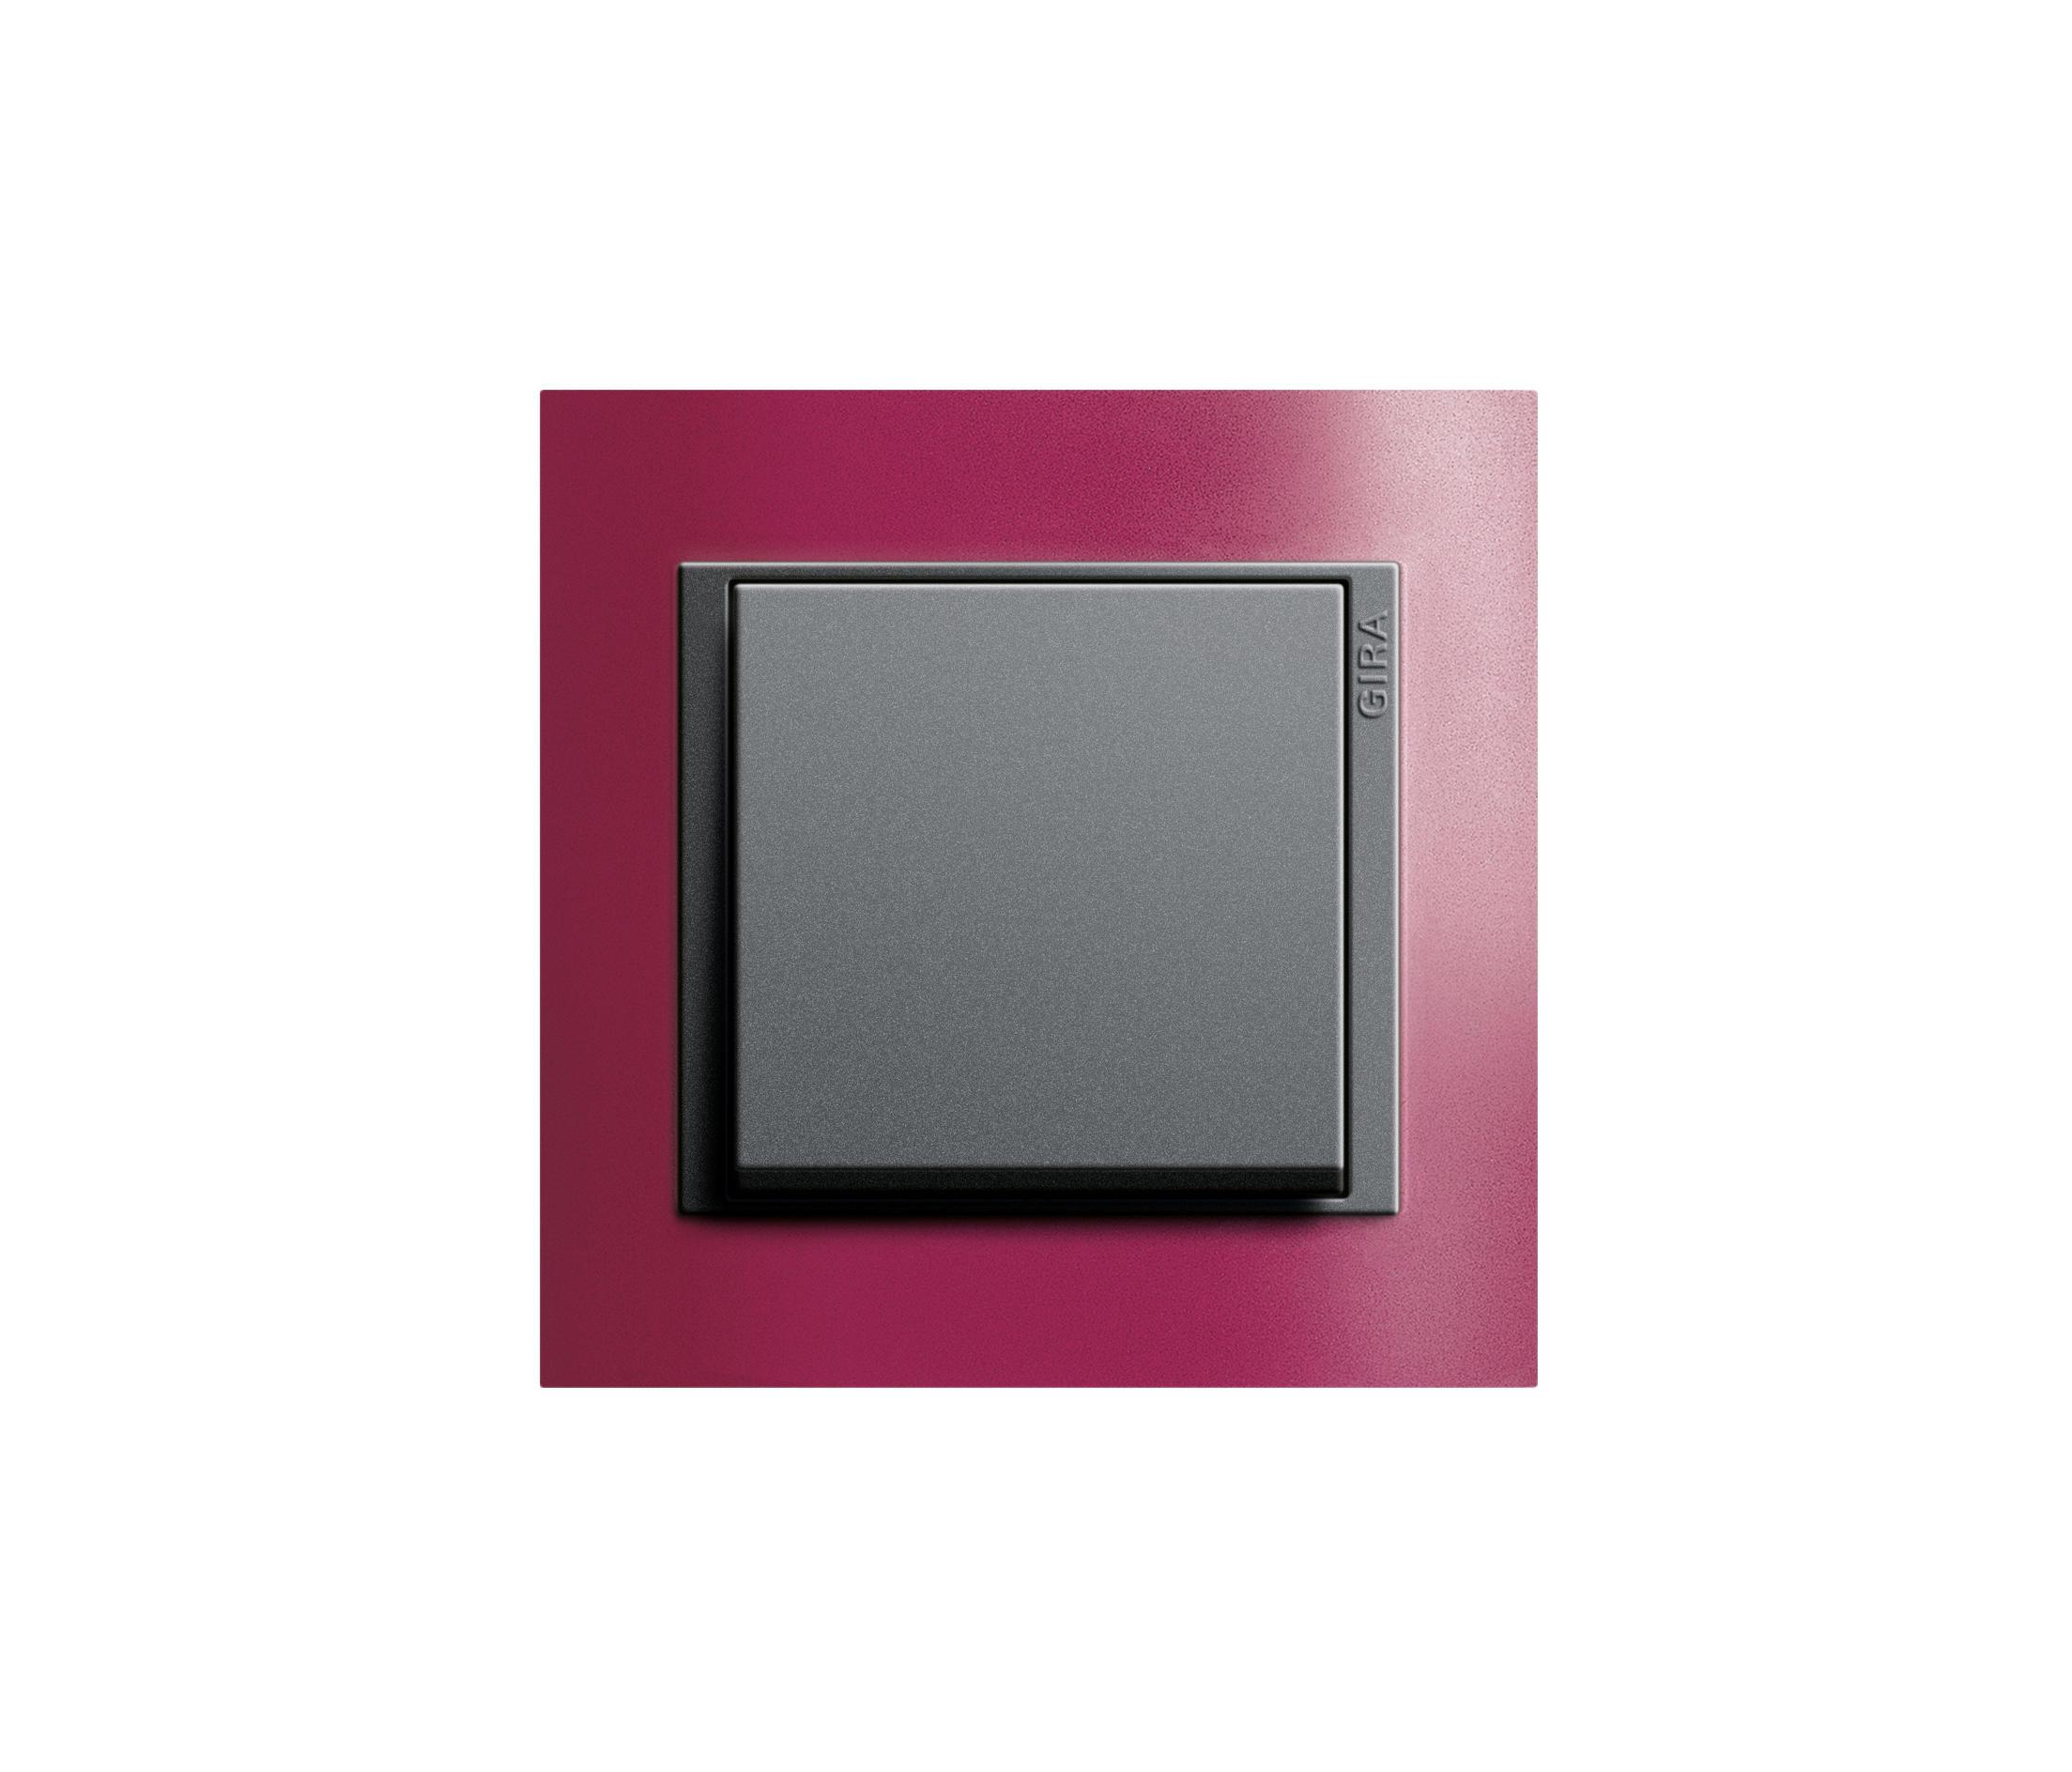 event opak tastschalter tastschalter von gira architonic. Black Bedroom Furniture Sets. Home Design Ideas